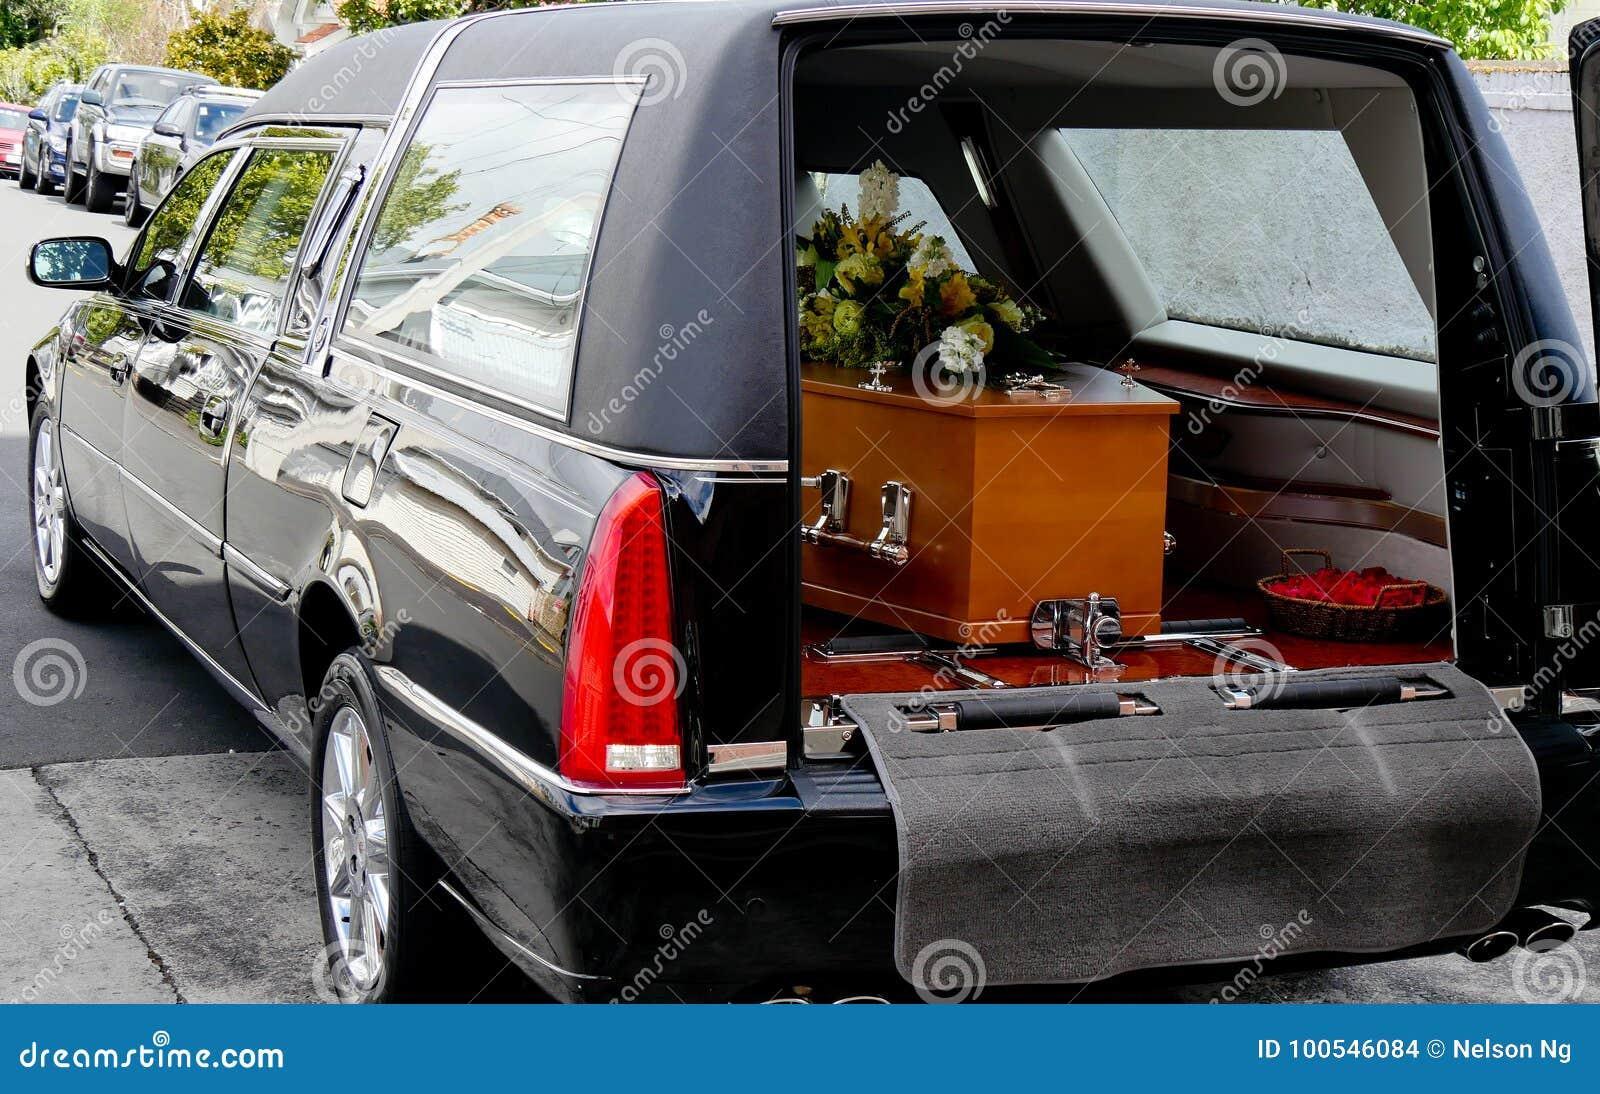 Снятый красочного ларца в дрогах или часовни перед похоронами или захоронением на кладбище